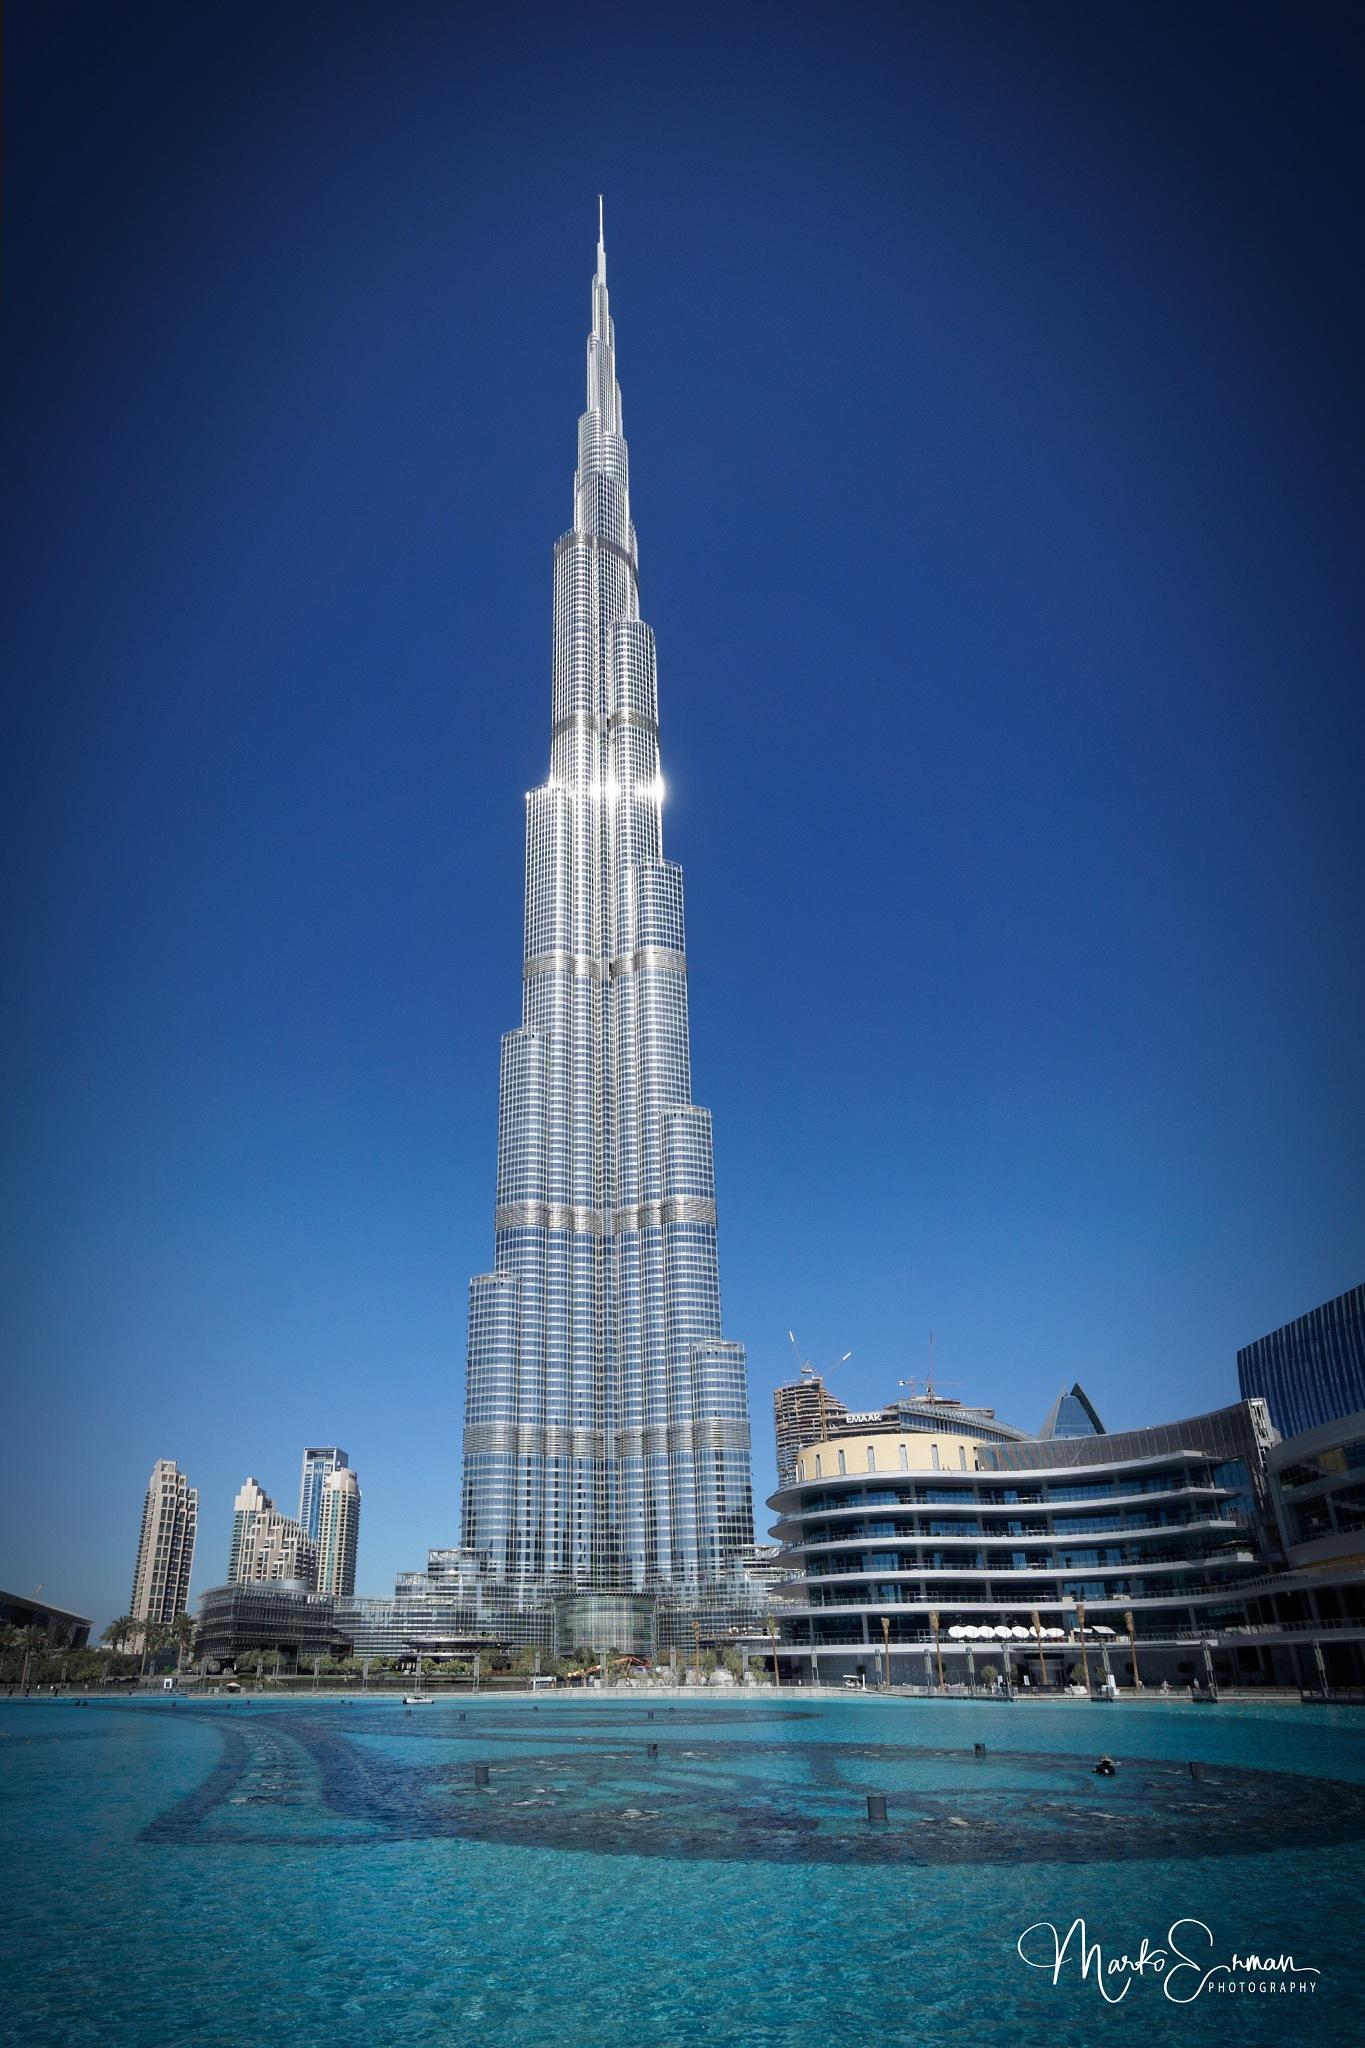 Burj Khalifa by Marko Erman